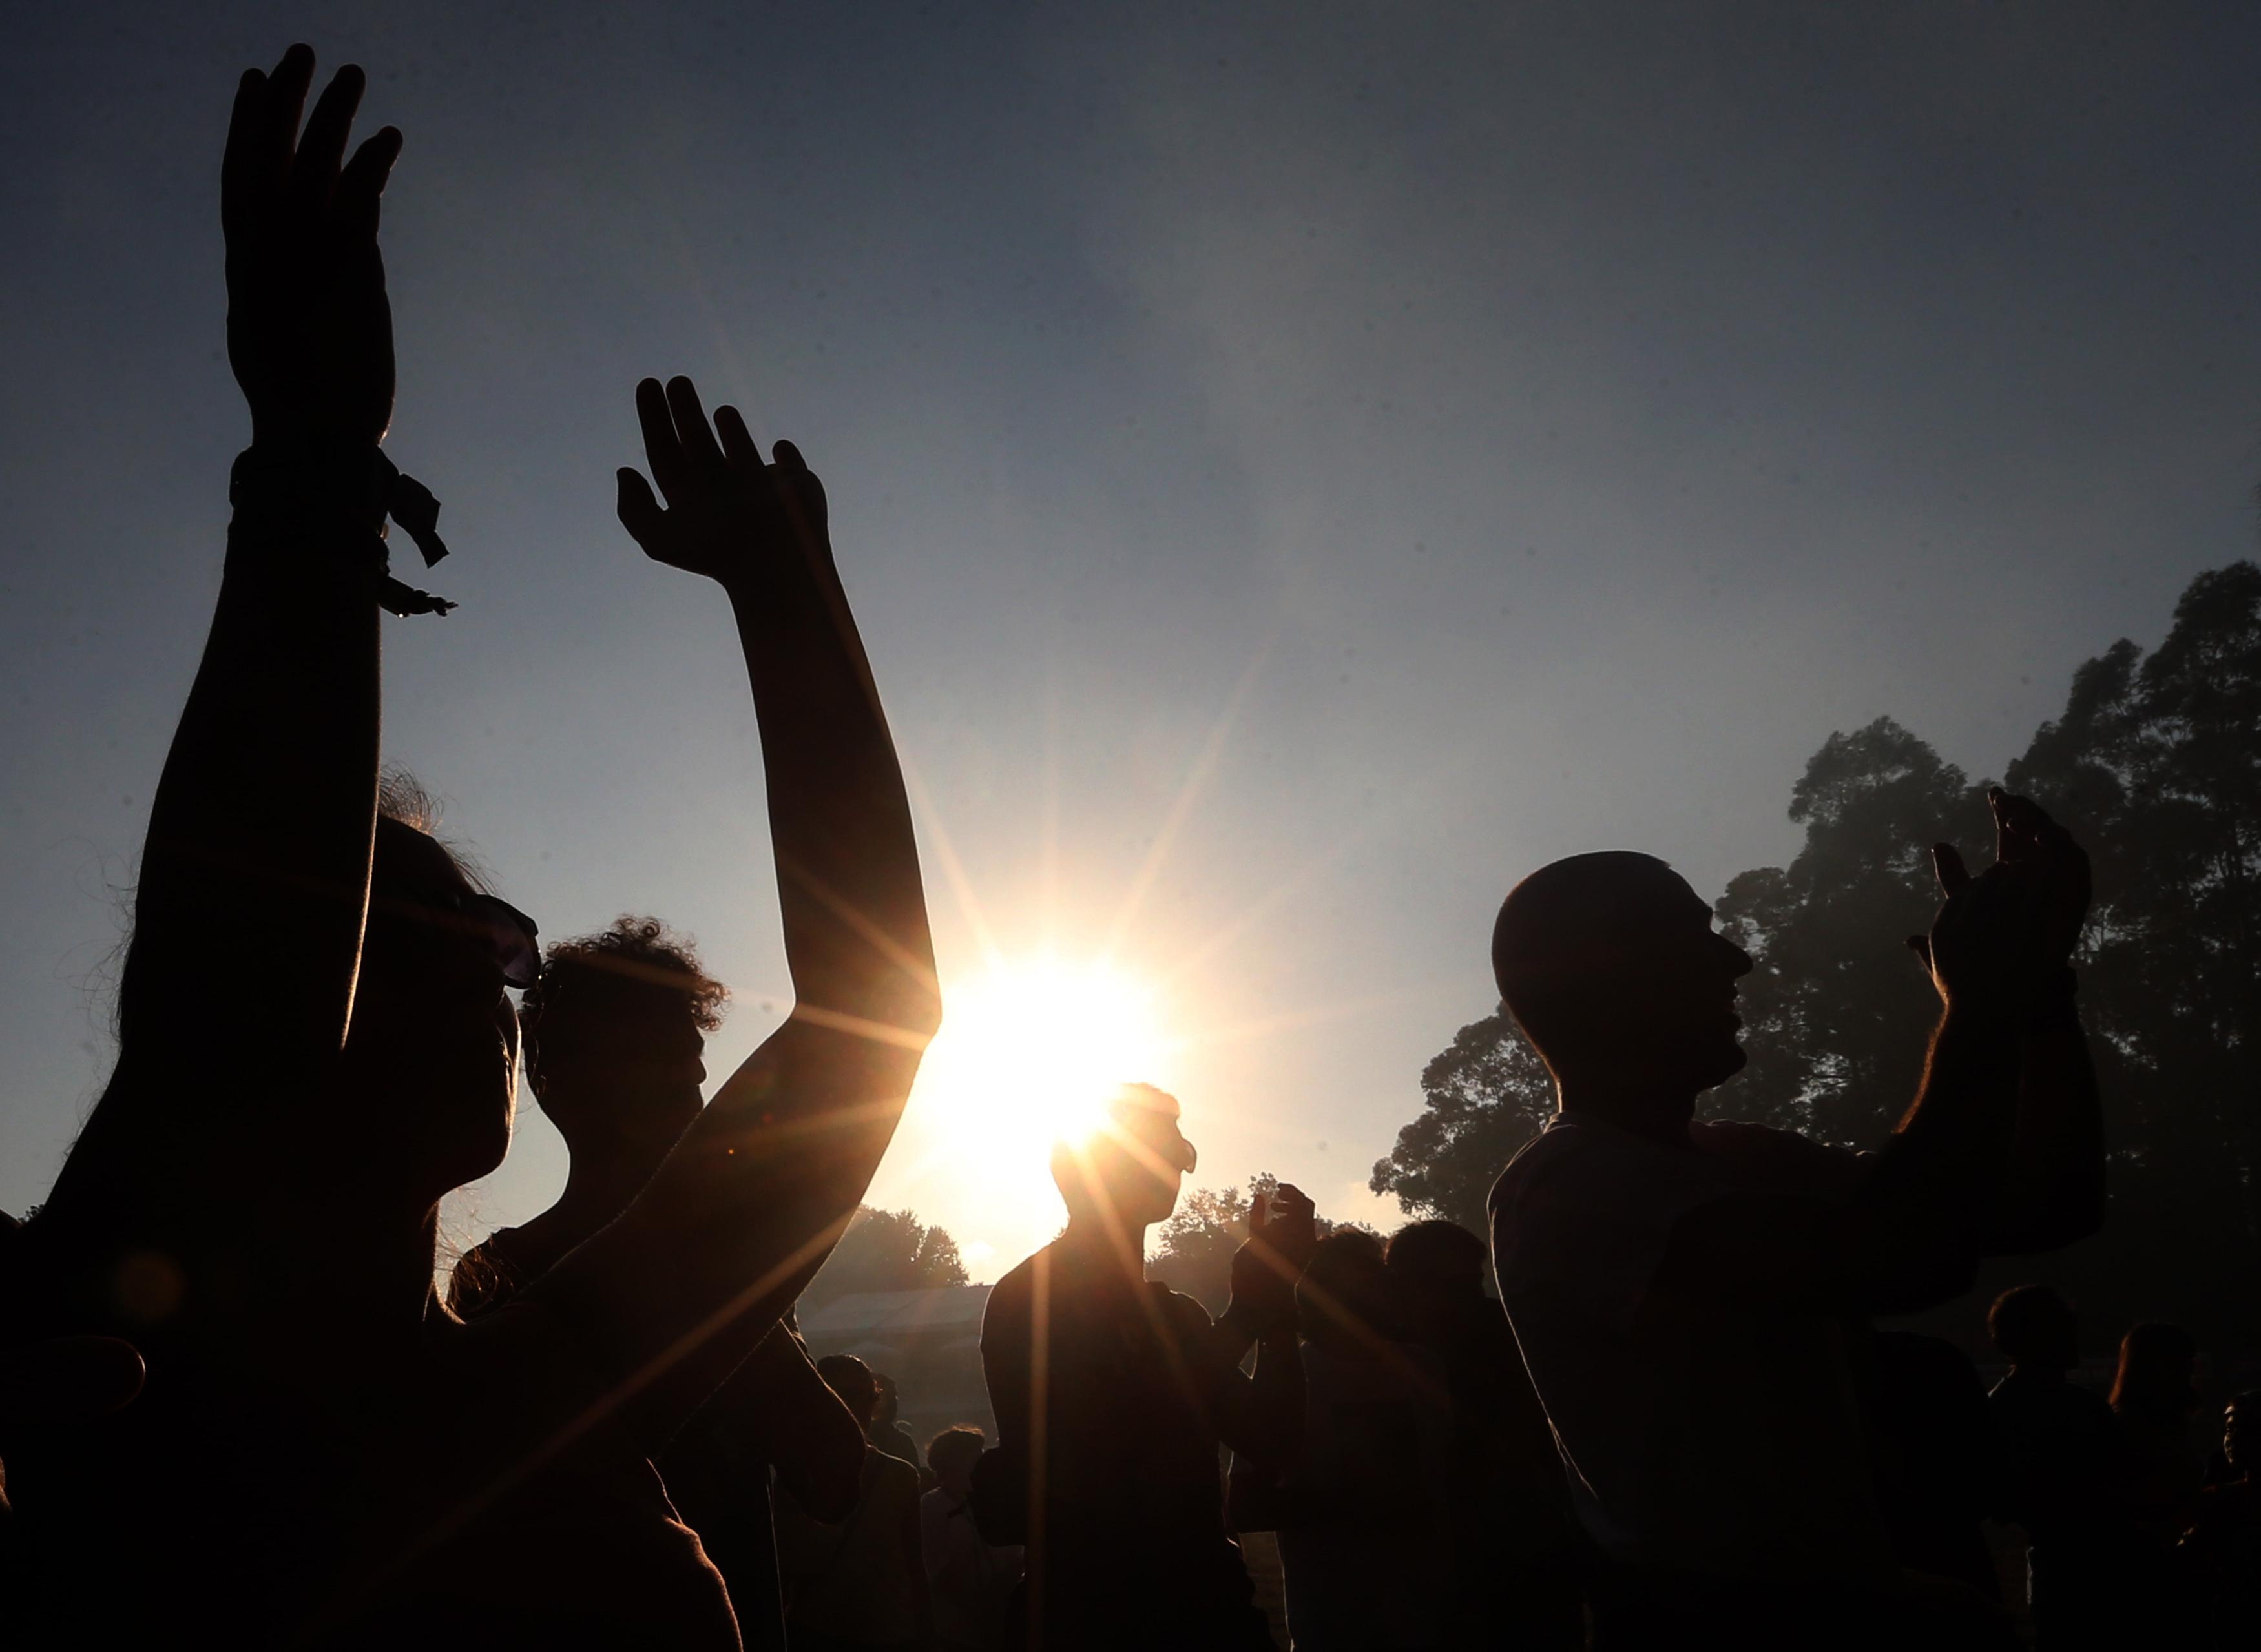 Festival Vilar de Mouros ultrapassou expectativas e regressa em 2020